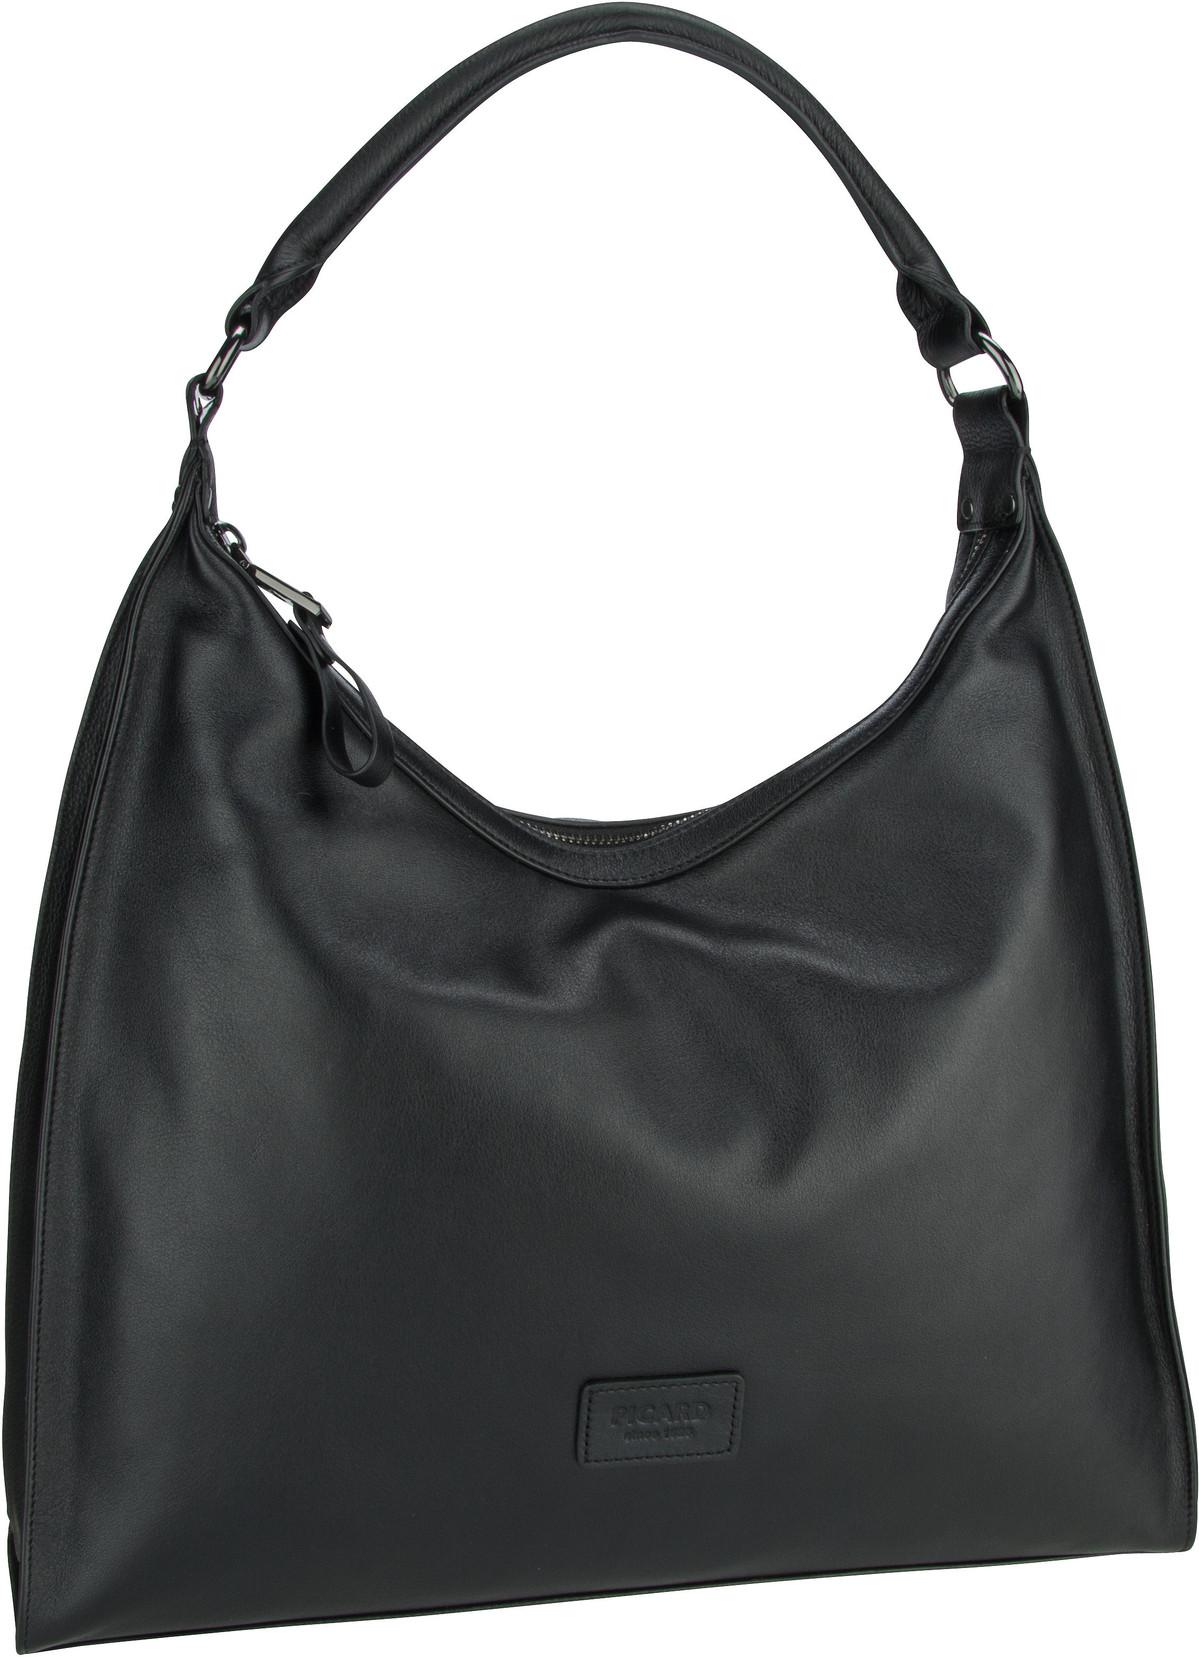 Handtasche Daisy 9772 Schwarz